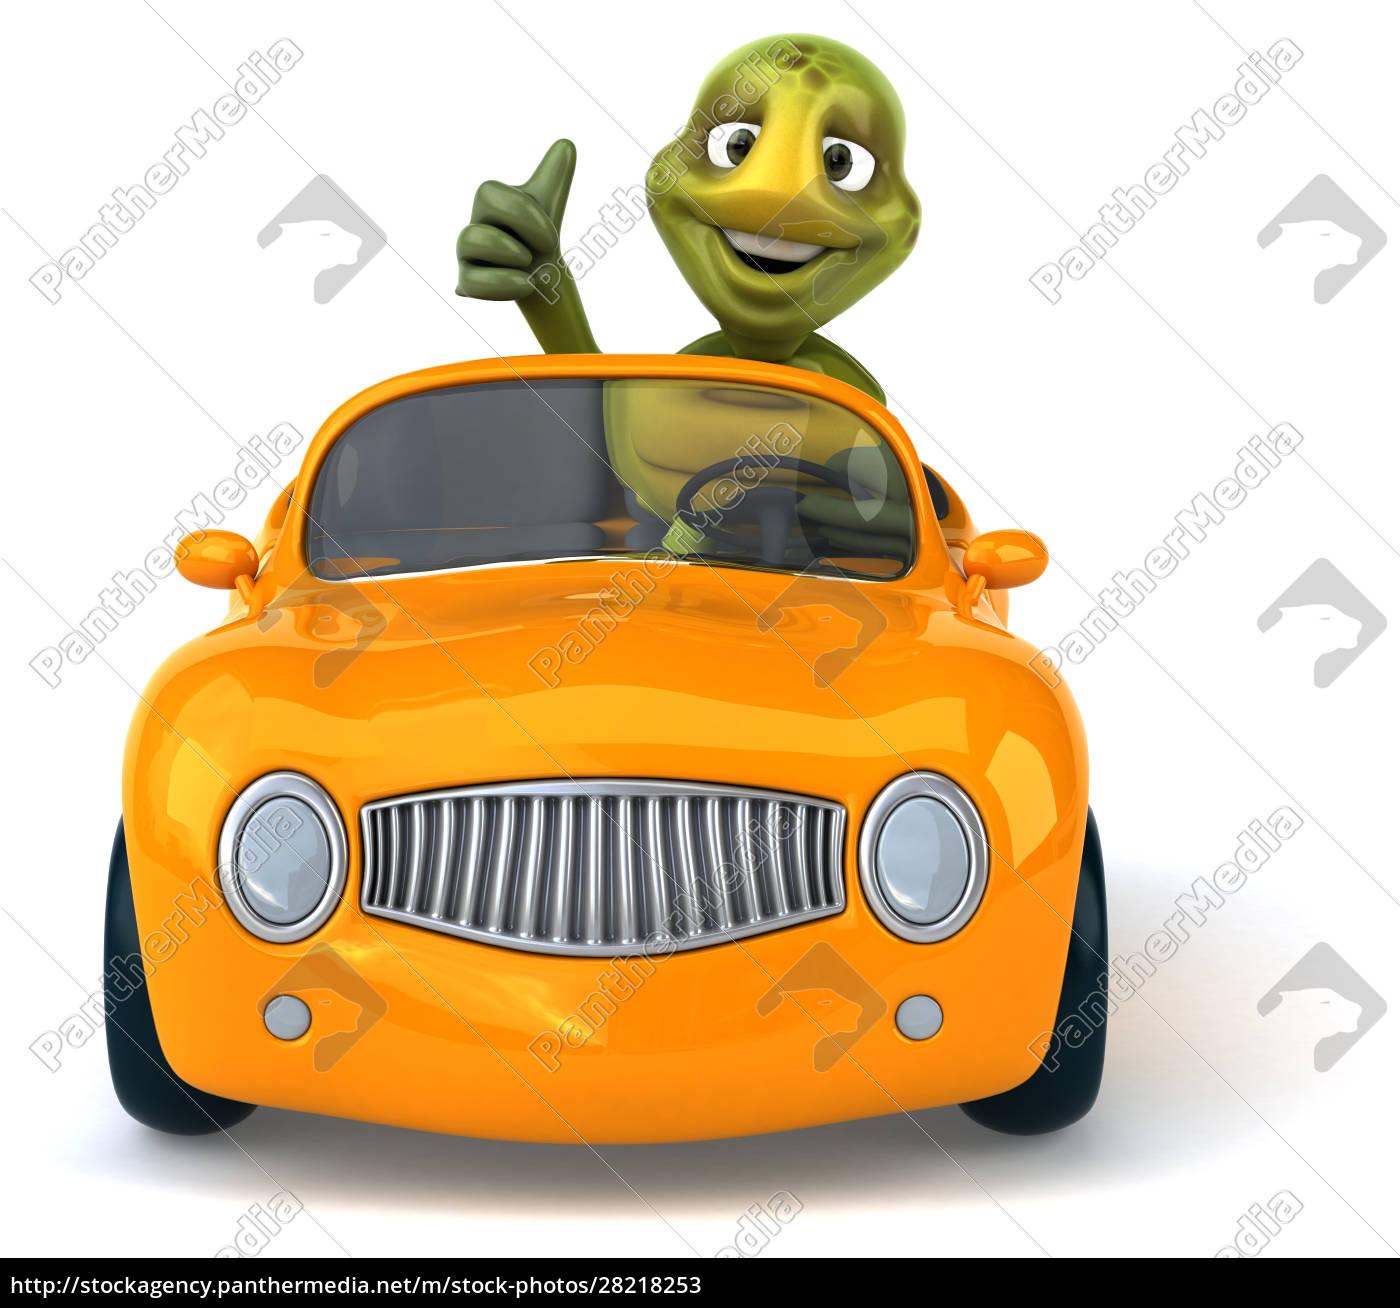 fun, turtle - 28218253